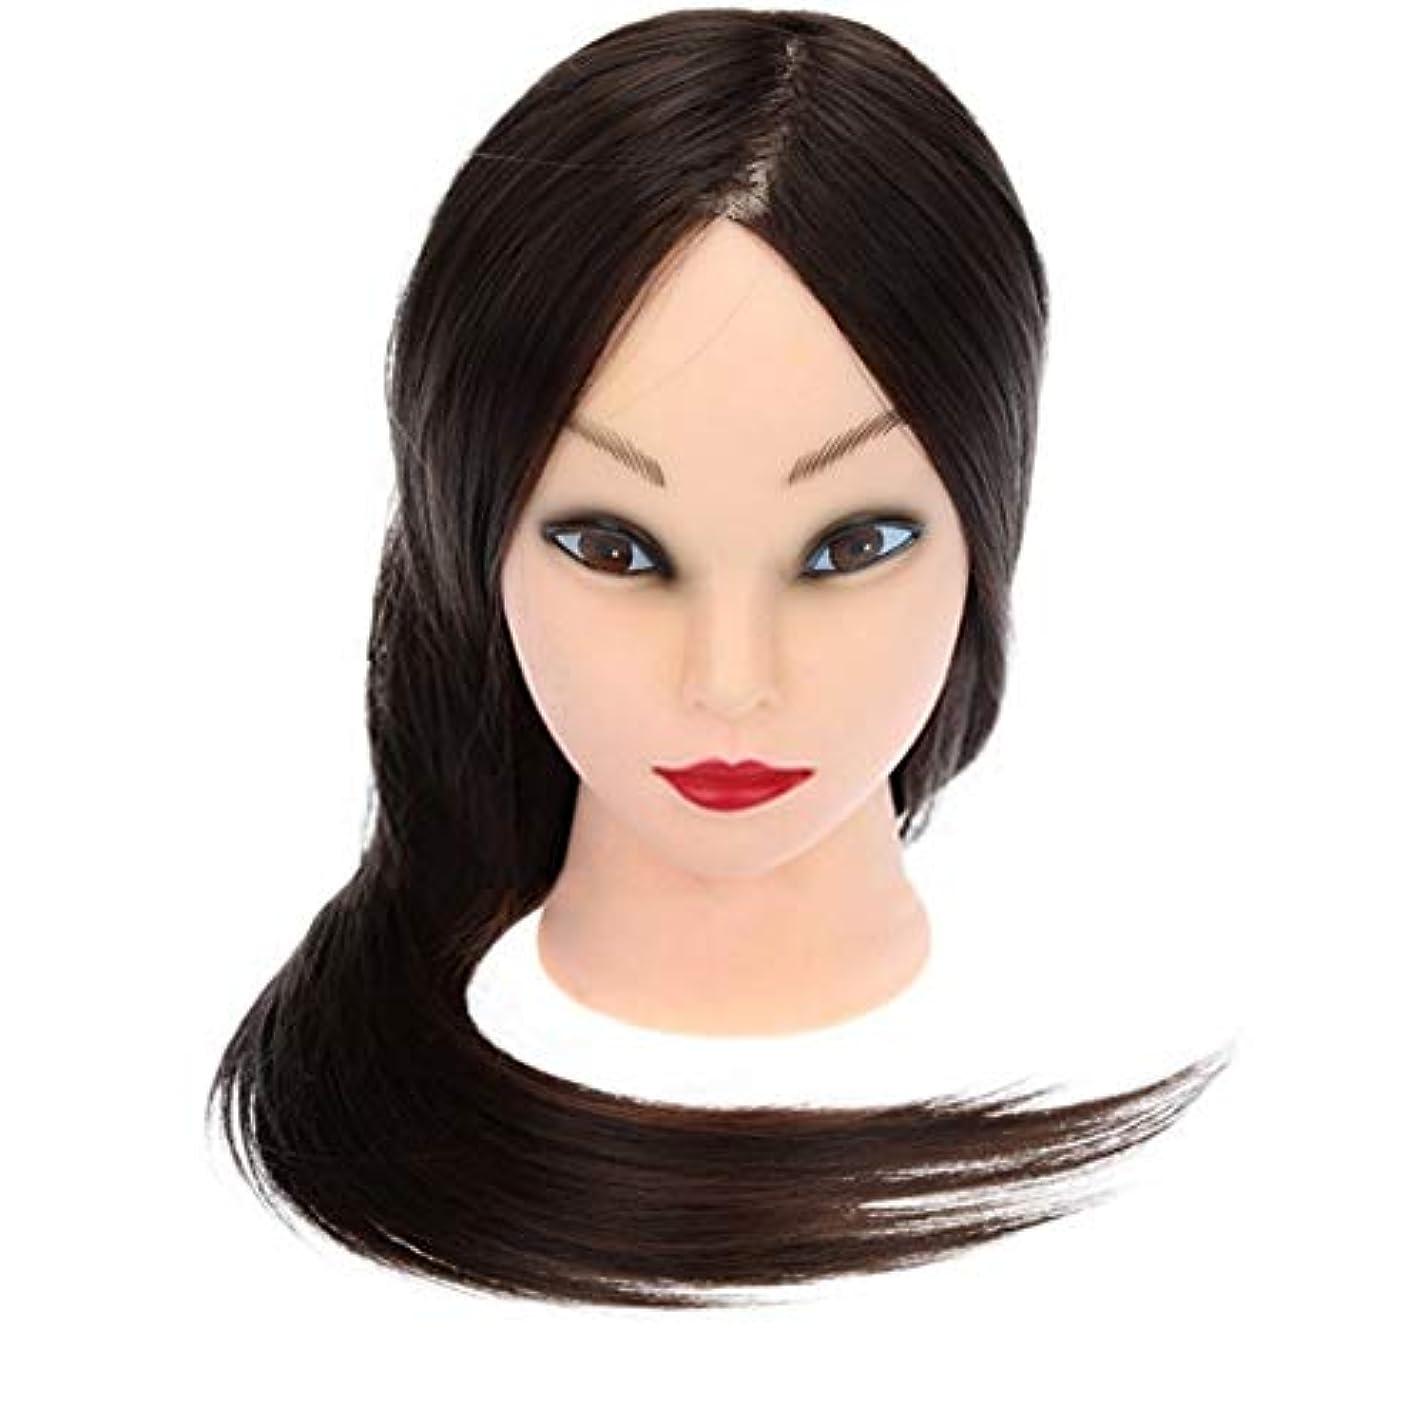 放置科学抜け目のない練習ディスク髪編組ヘアモデル理髪店スクールティーチングヘッドロングかつら美容マネキンヘッド